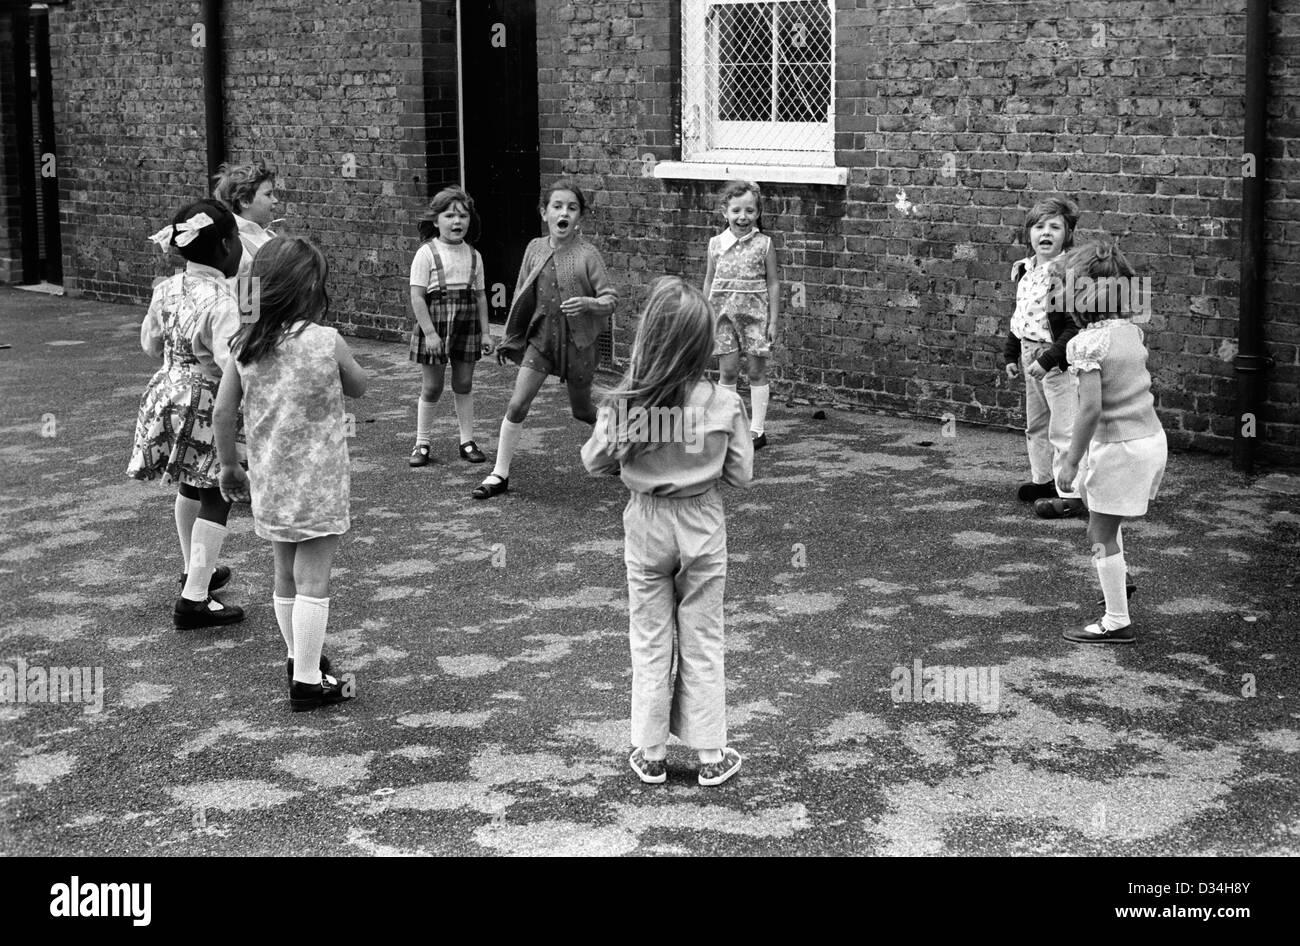 Scholl primaria infantil. Las niñas jugando juntos. El sur de Londres. 1970 Gran Bretaña. Mi ref 23a/1036/ Imagen De Stock